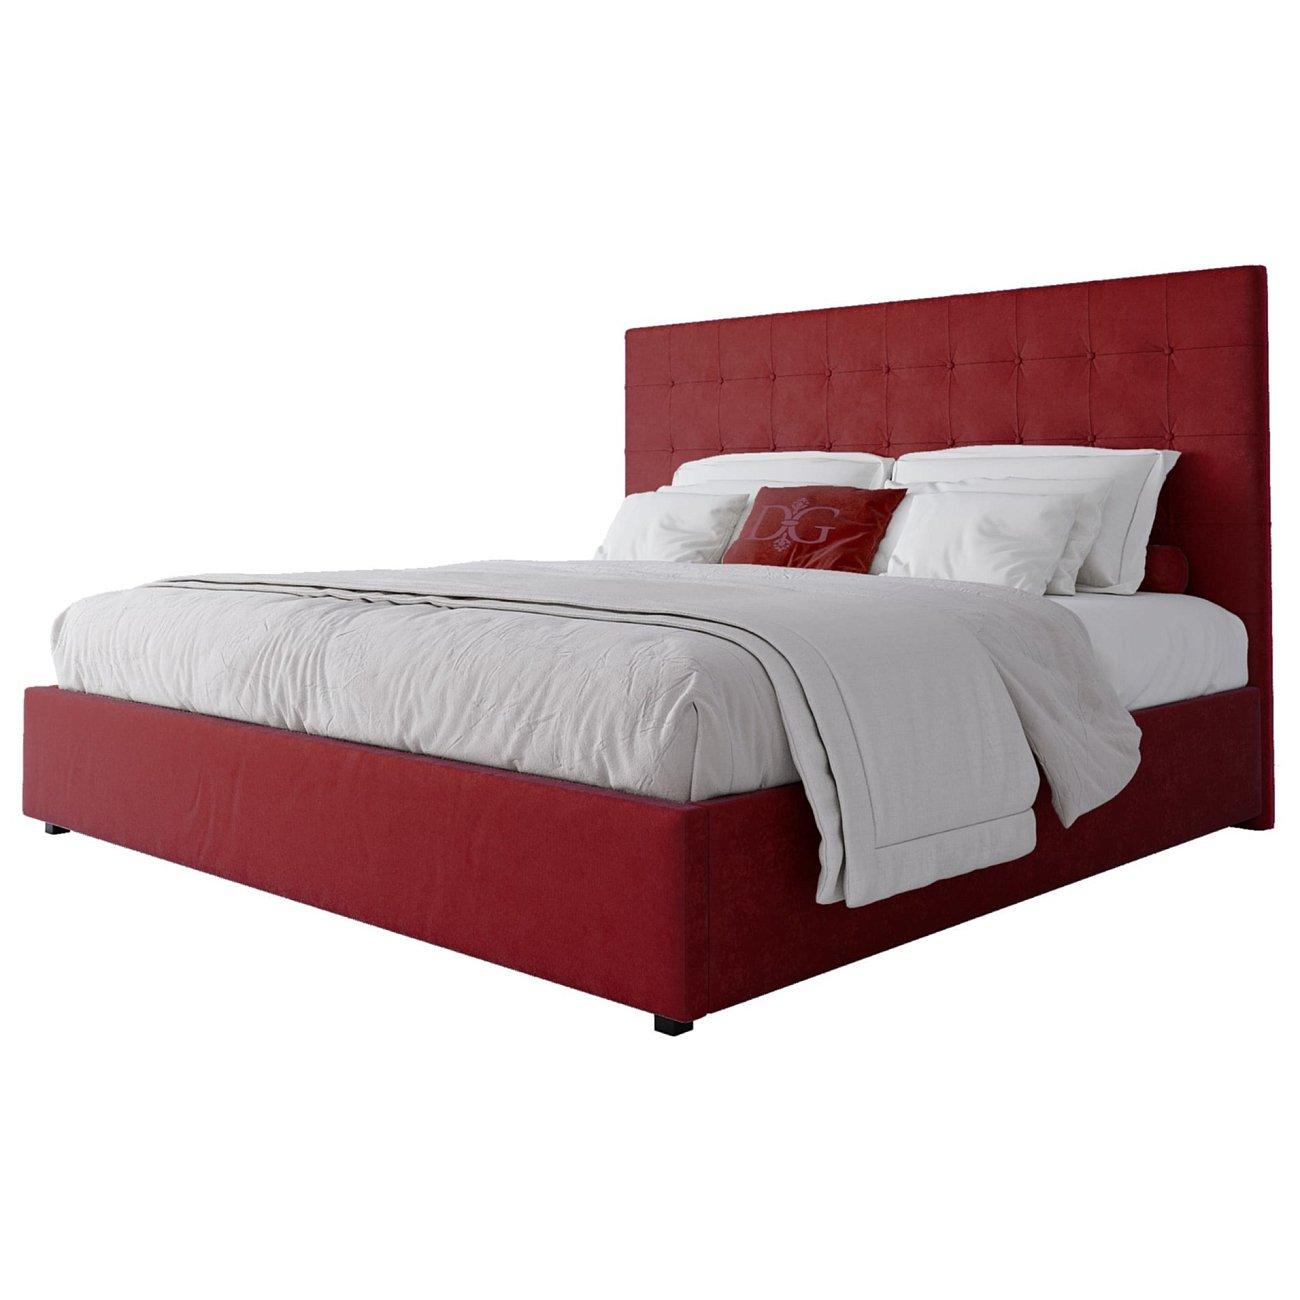 Купить Кровать Royal Black 200х200 Велюр Красный в интернет магазине дизайнерской мебели и аксессуаров для дома и дачи